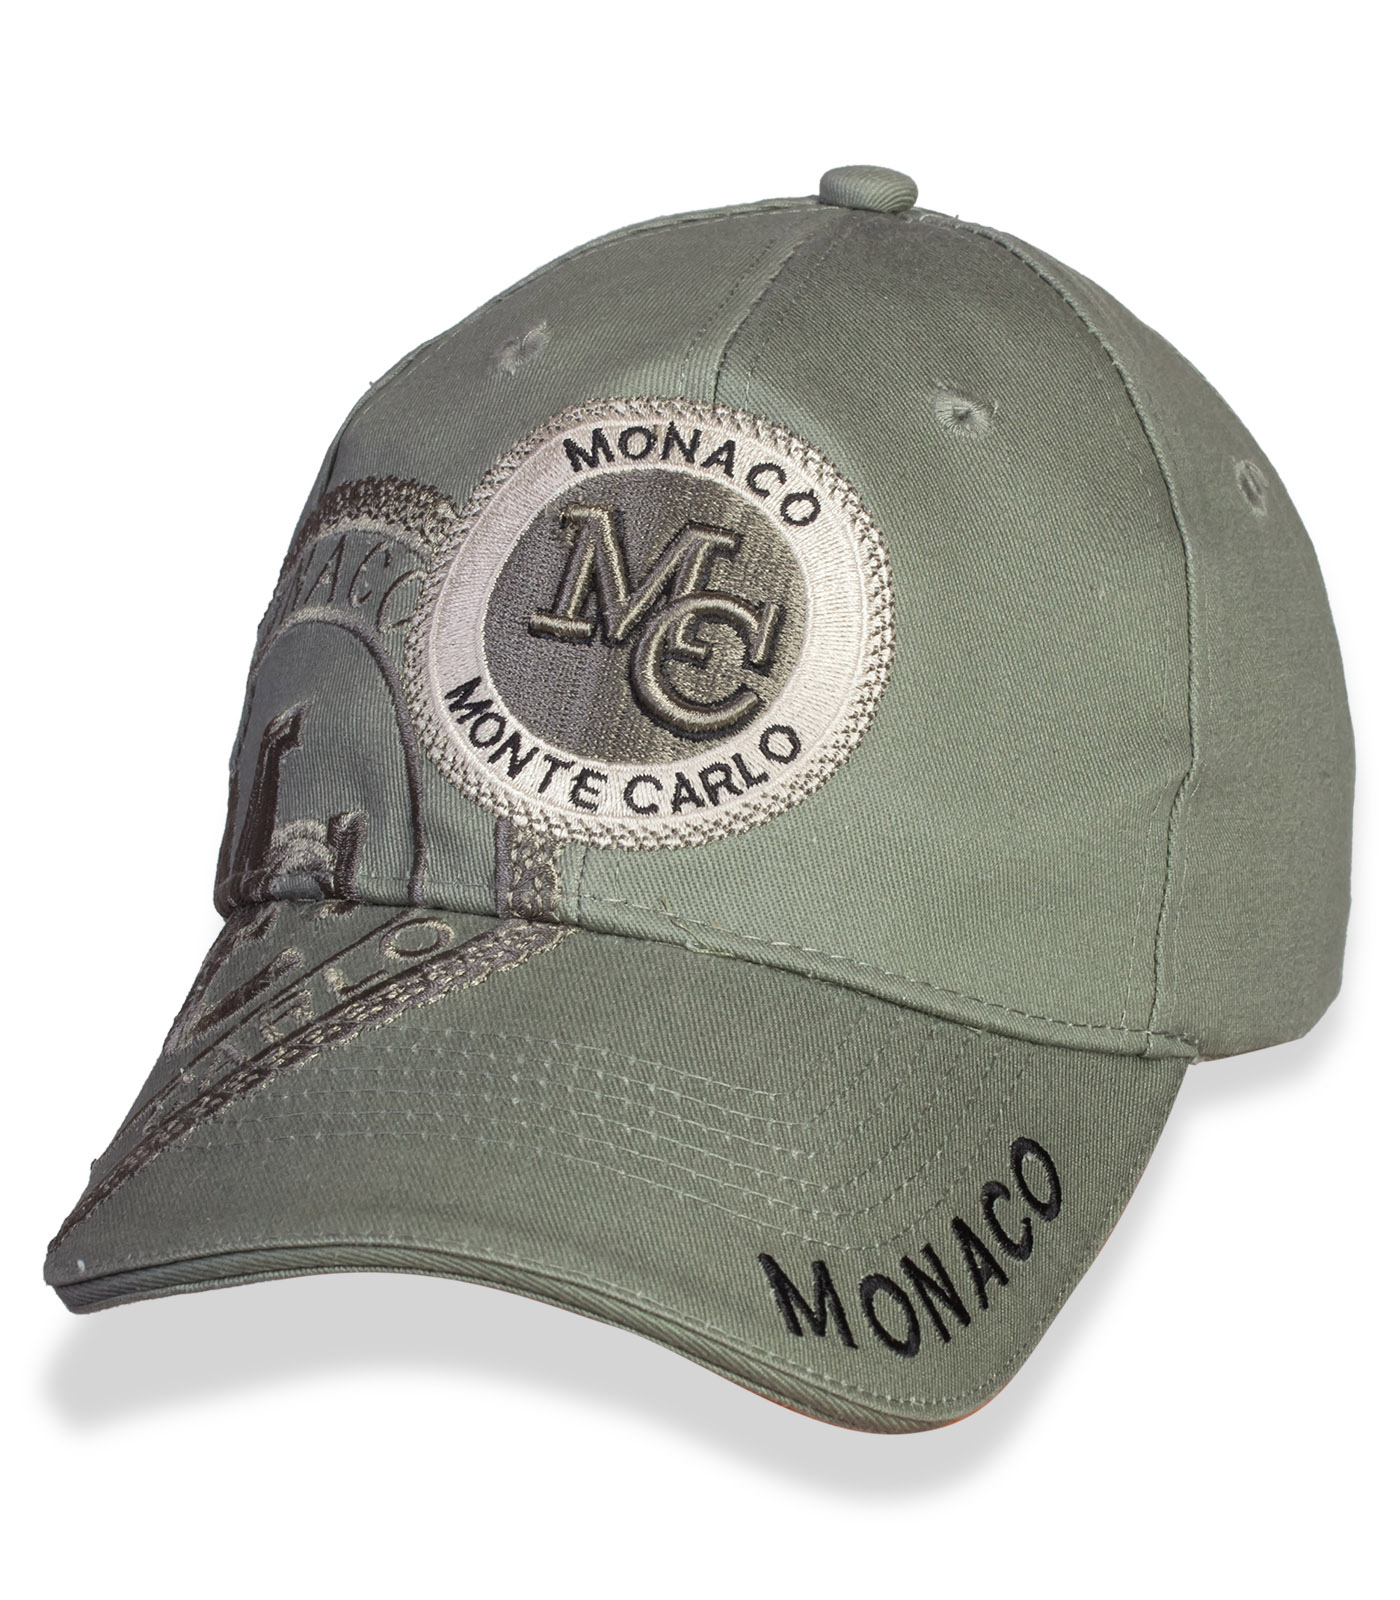 Брендовые бейсболки с логотипом – у нас очень дешево!